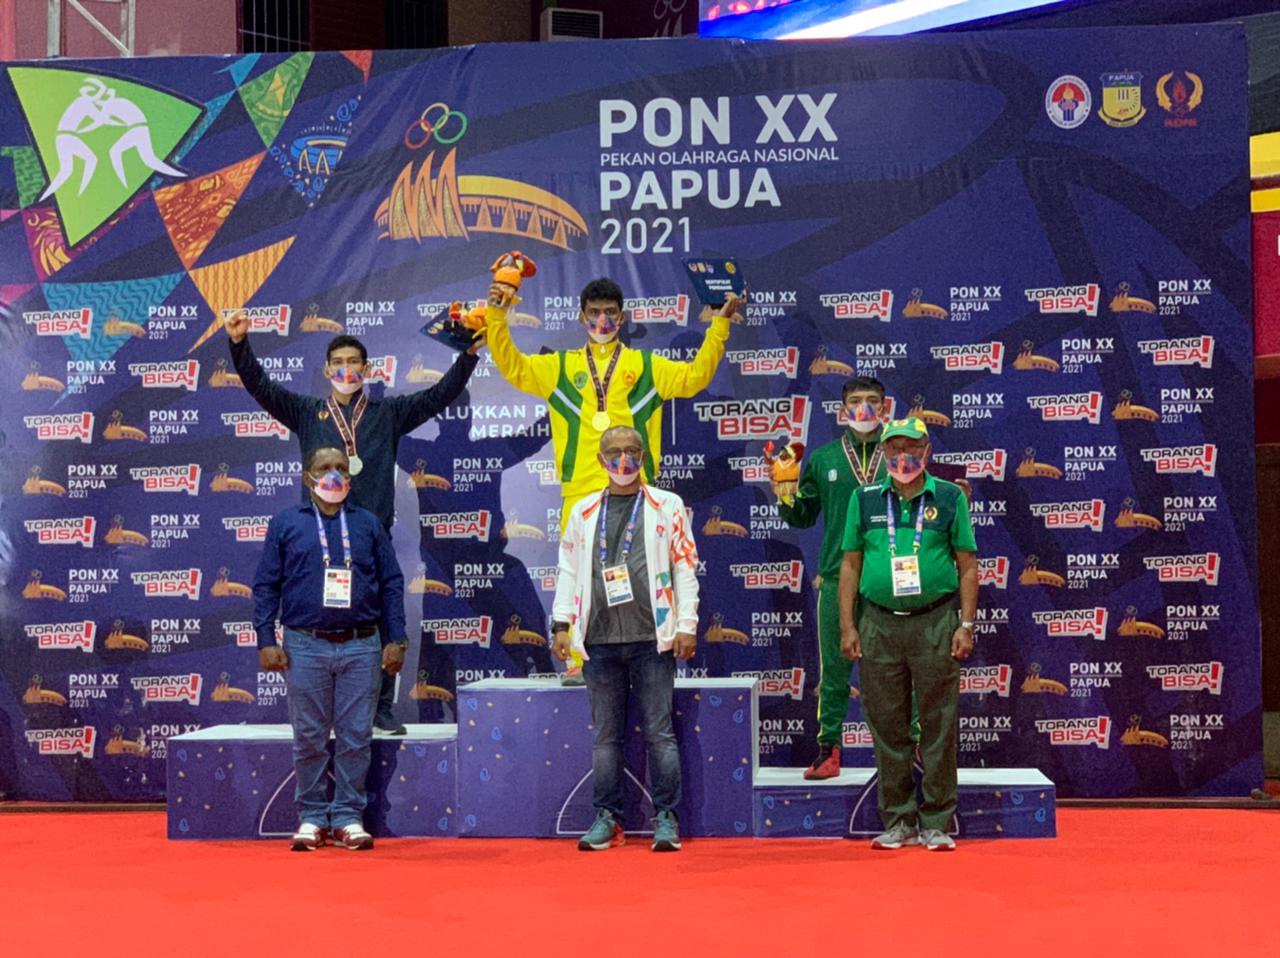 Atlet Lumajang Cabor Gulat Tambah Koleksi Medali PON XX Papua